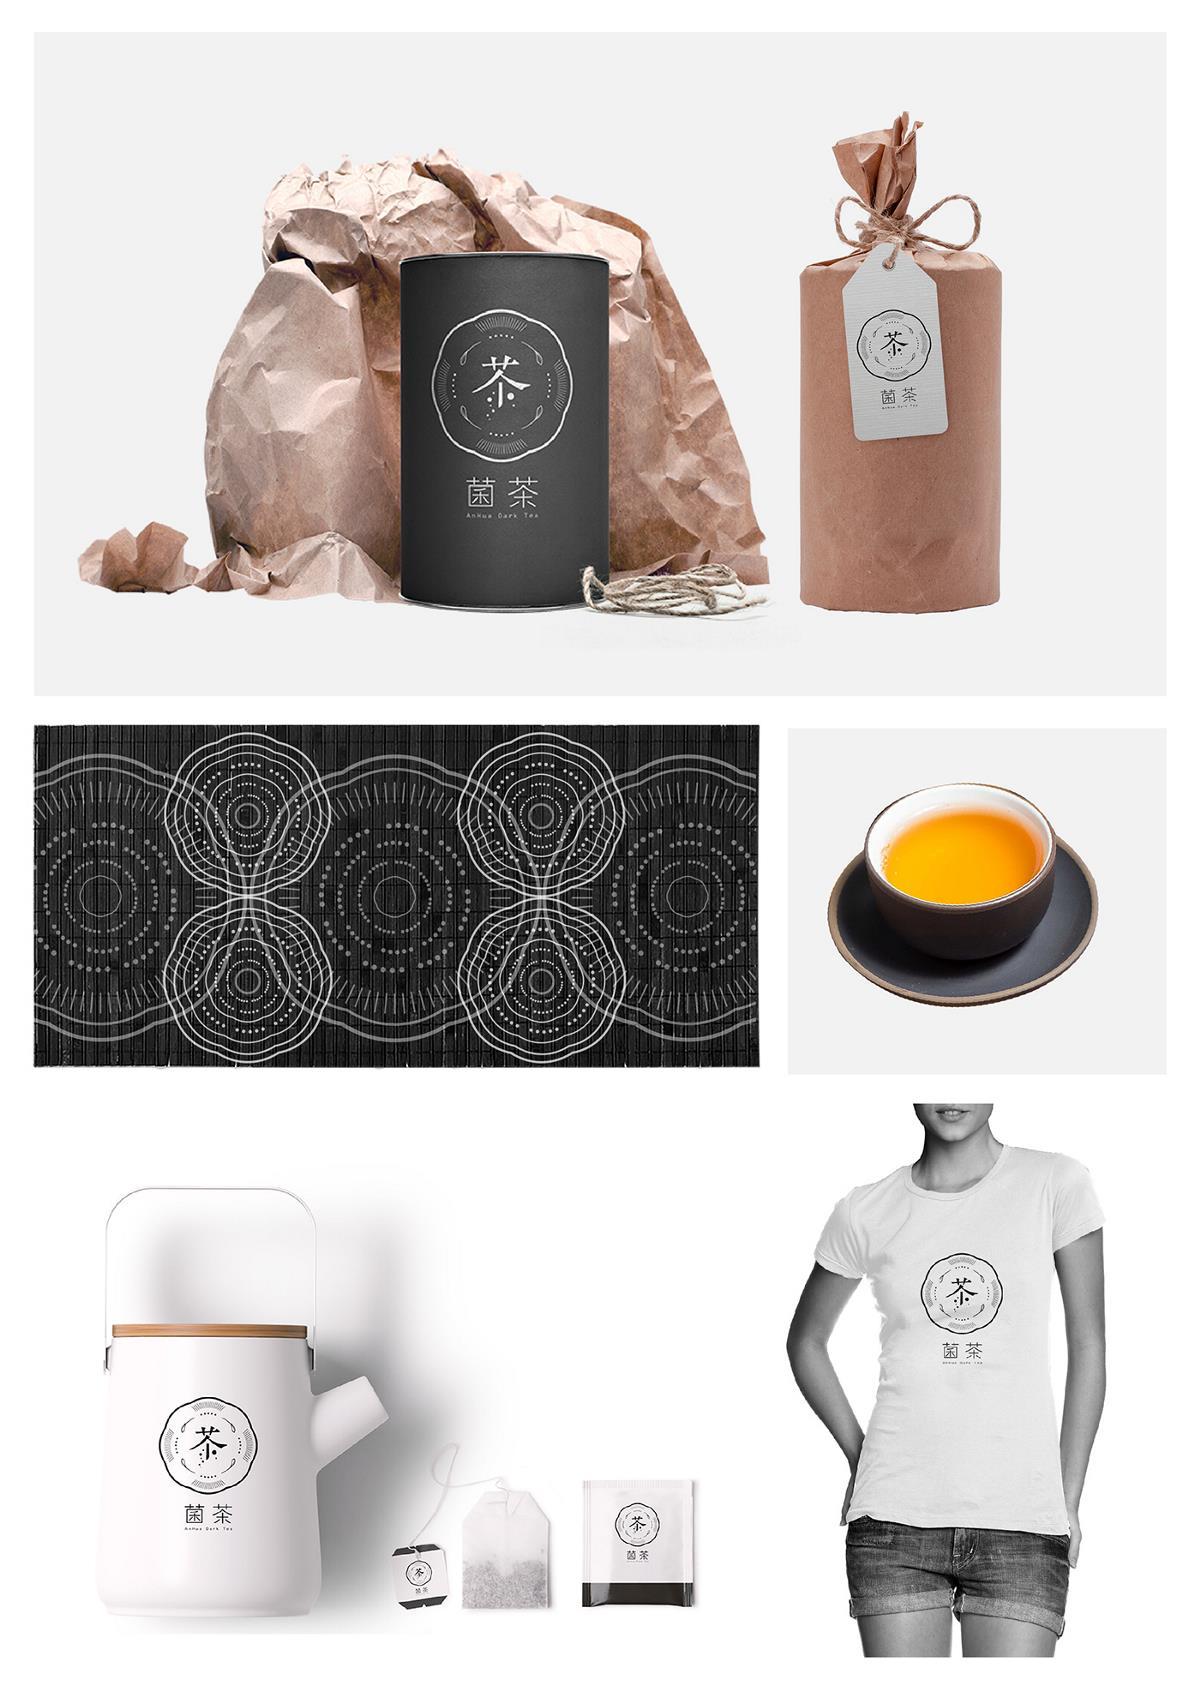 菌茶VI设计